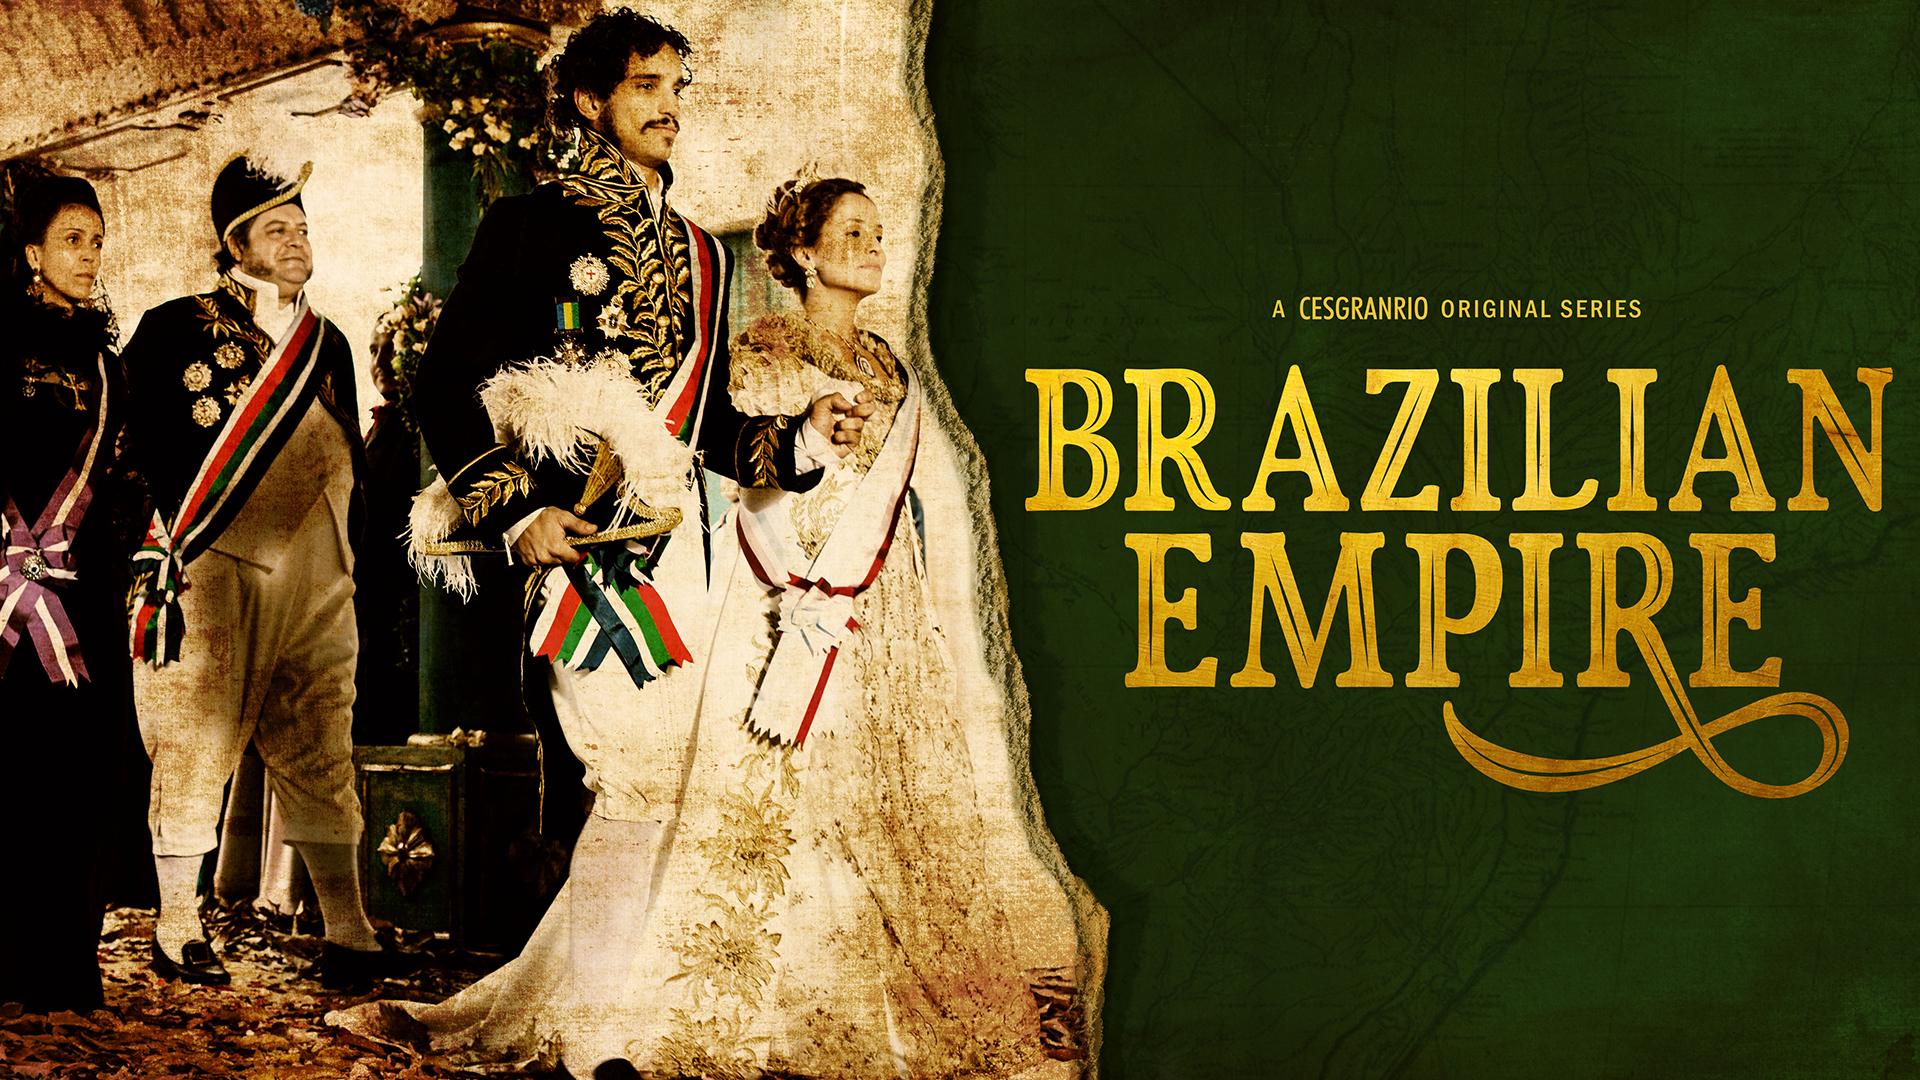 Brazilian Empire